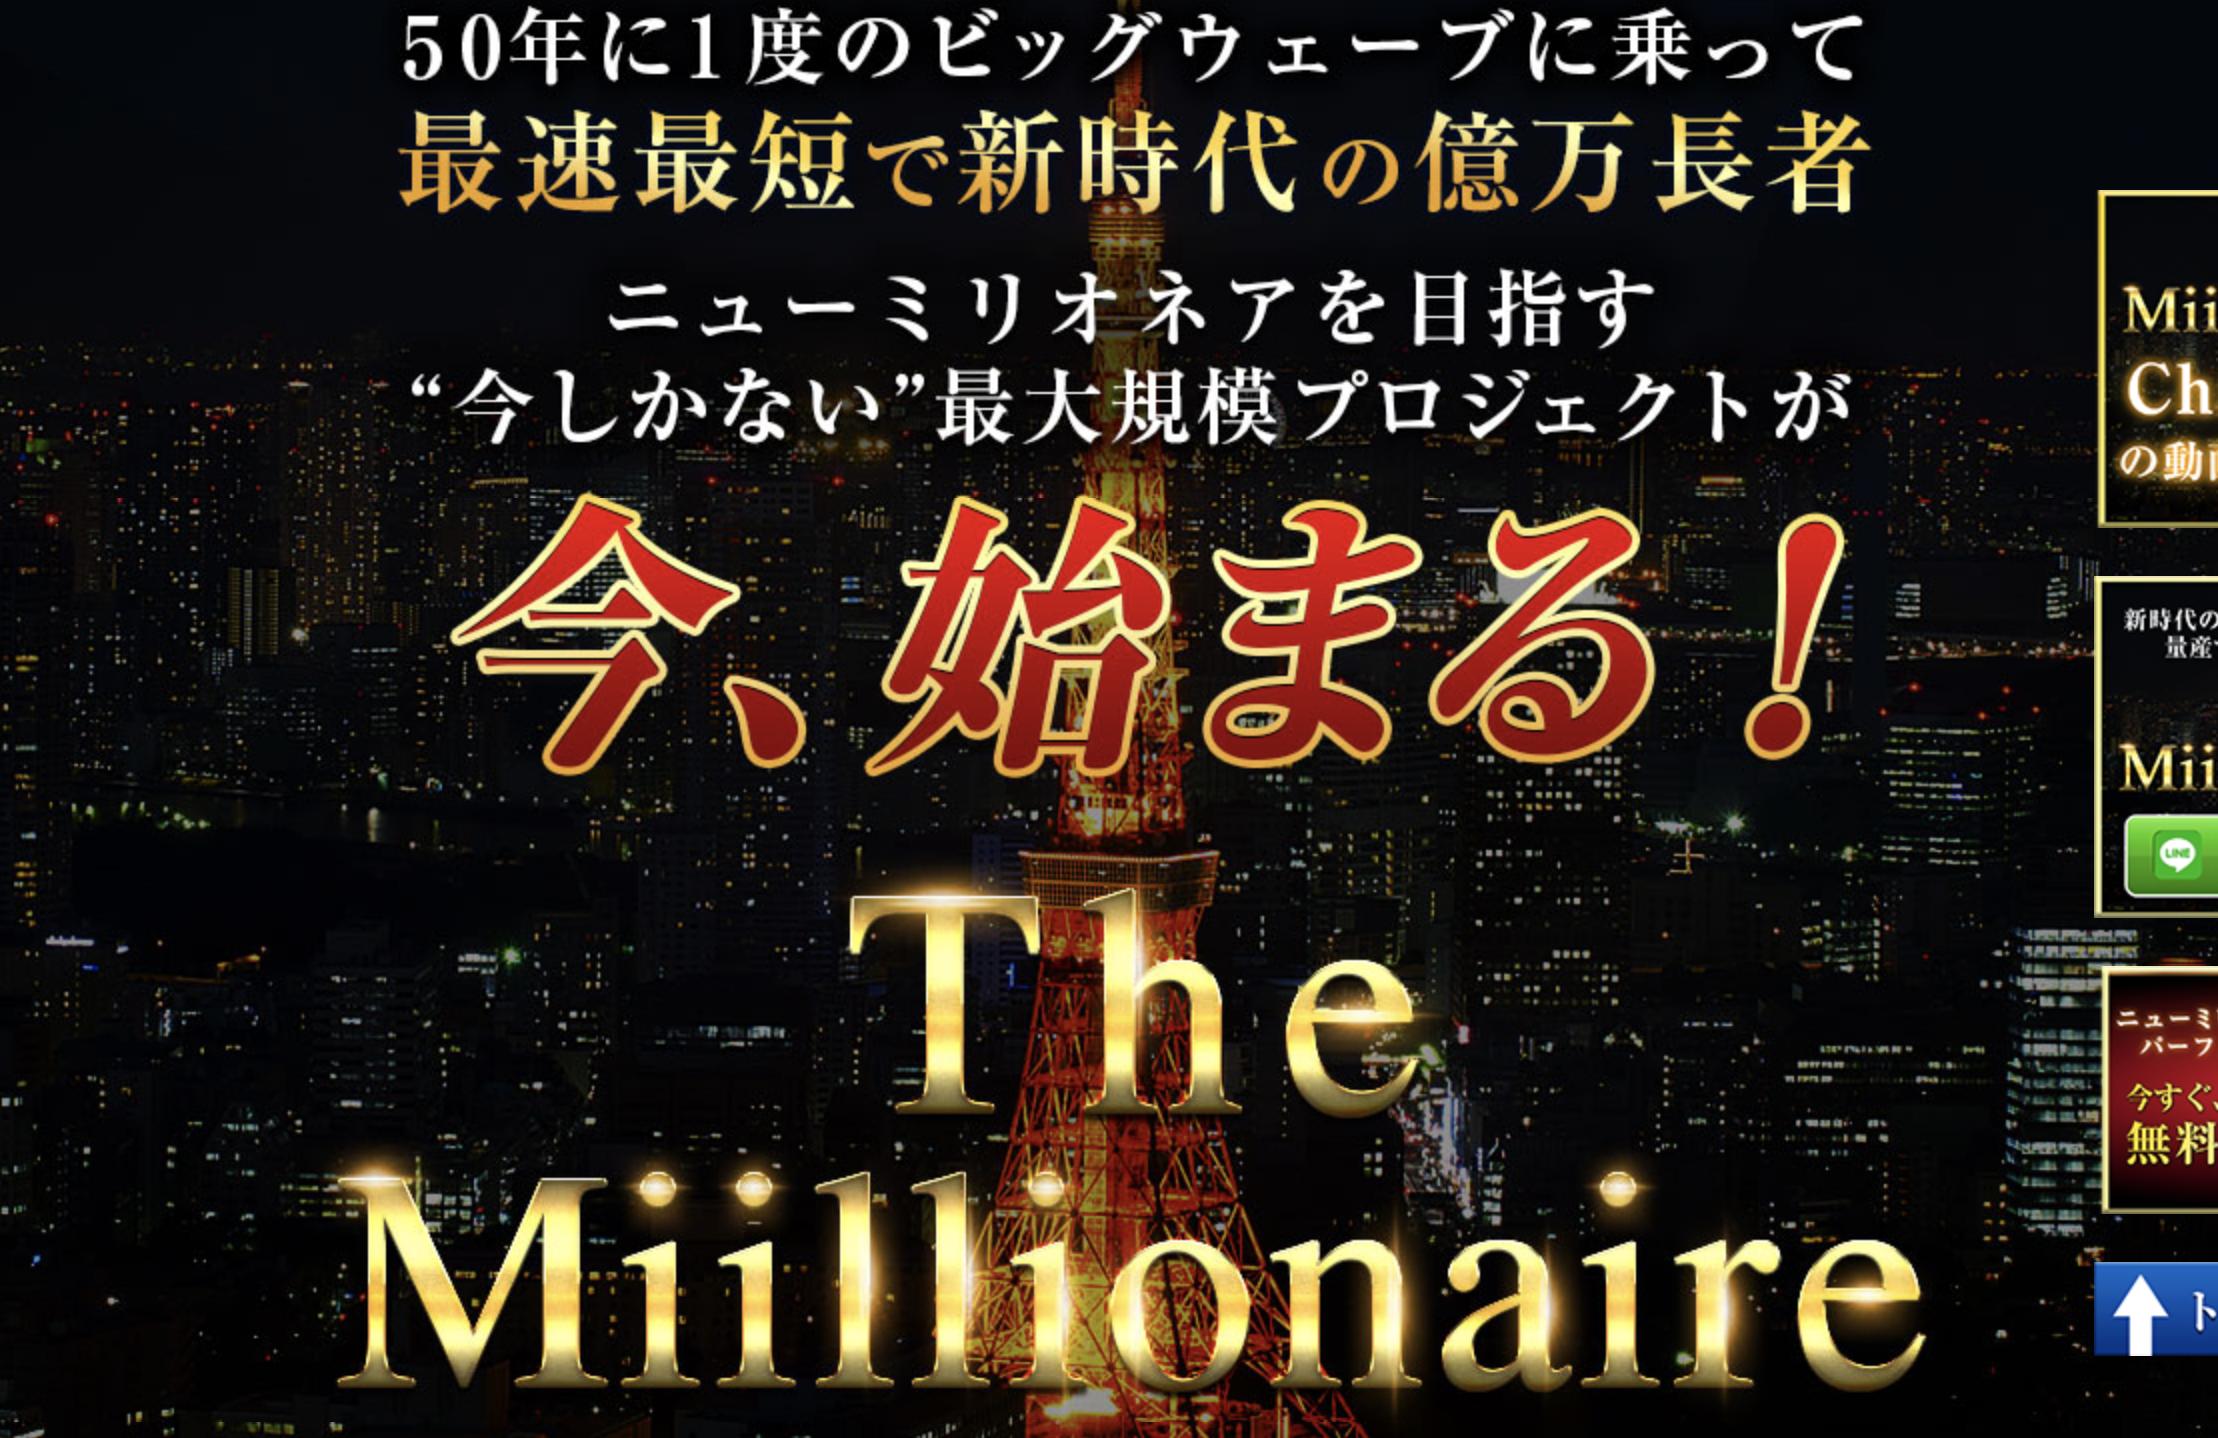 畑岡宏光のミリオネア(The Millionaire)タイトル